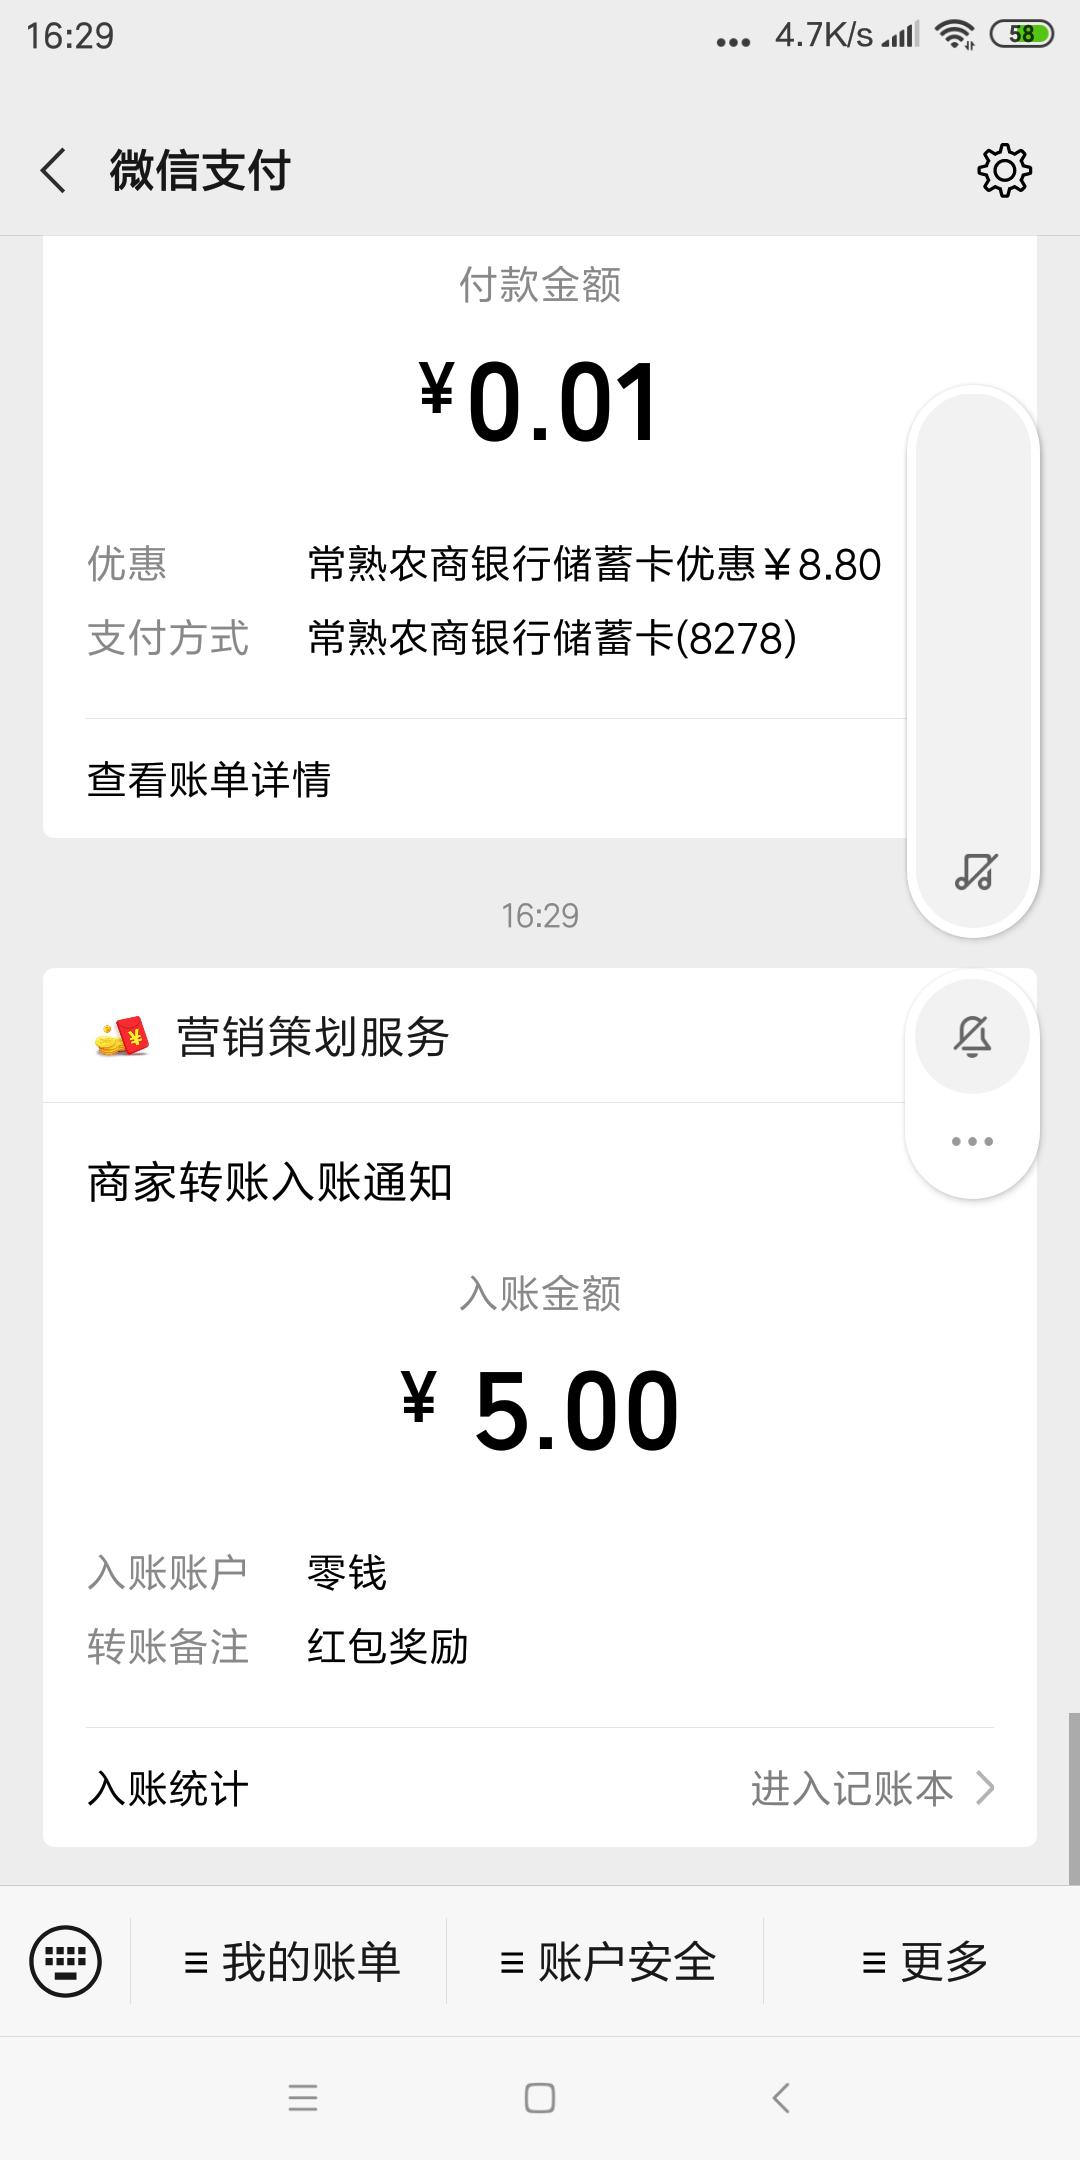 福建东南玩小游戏抽取红包插图2